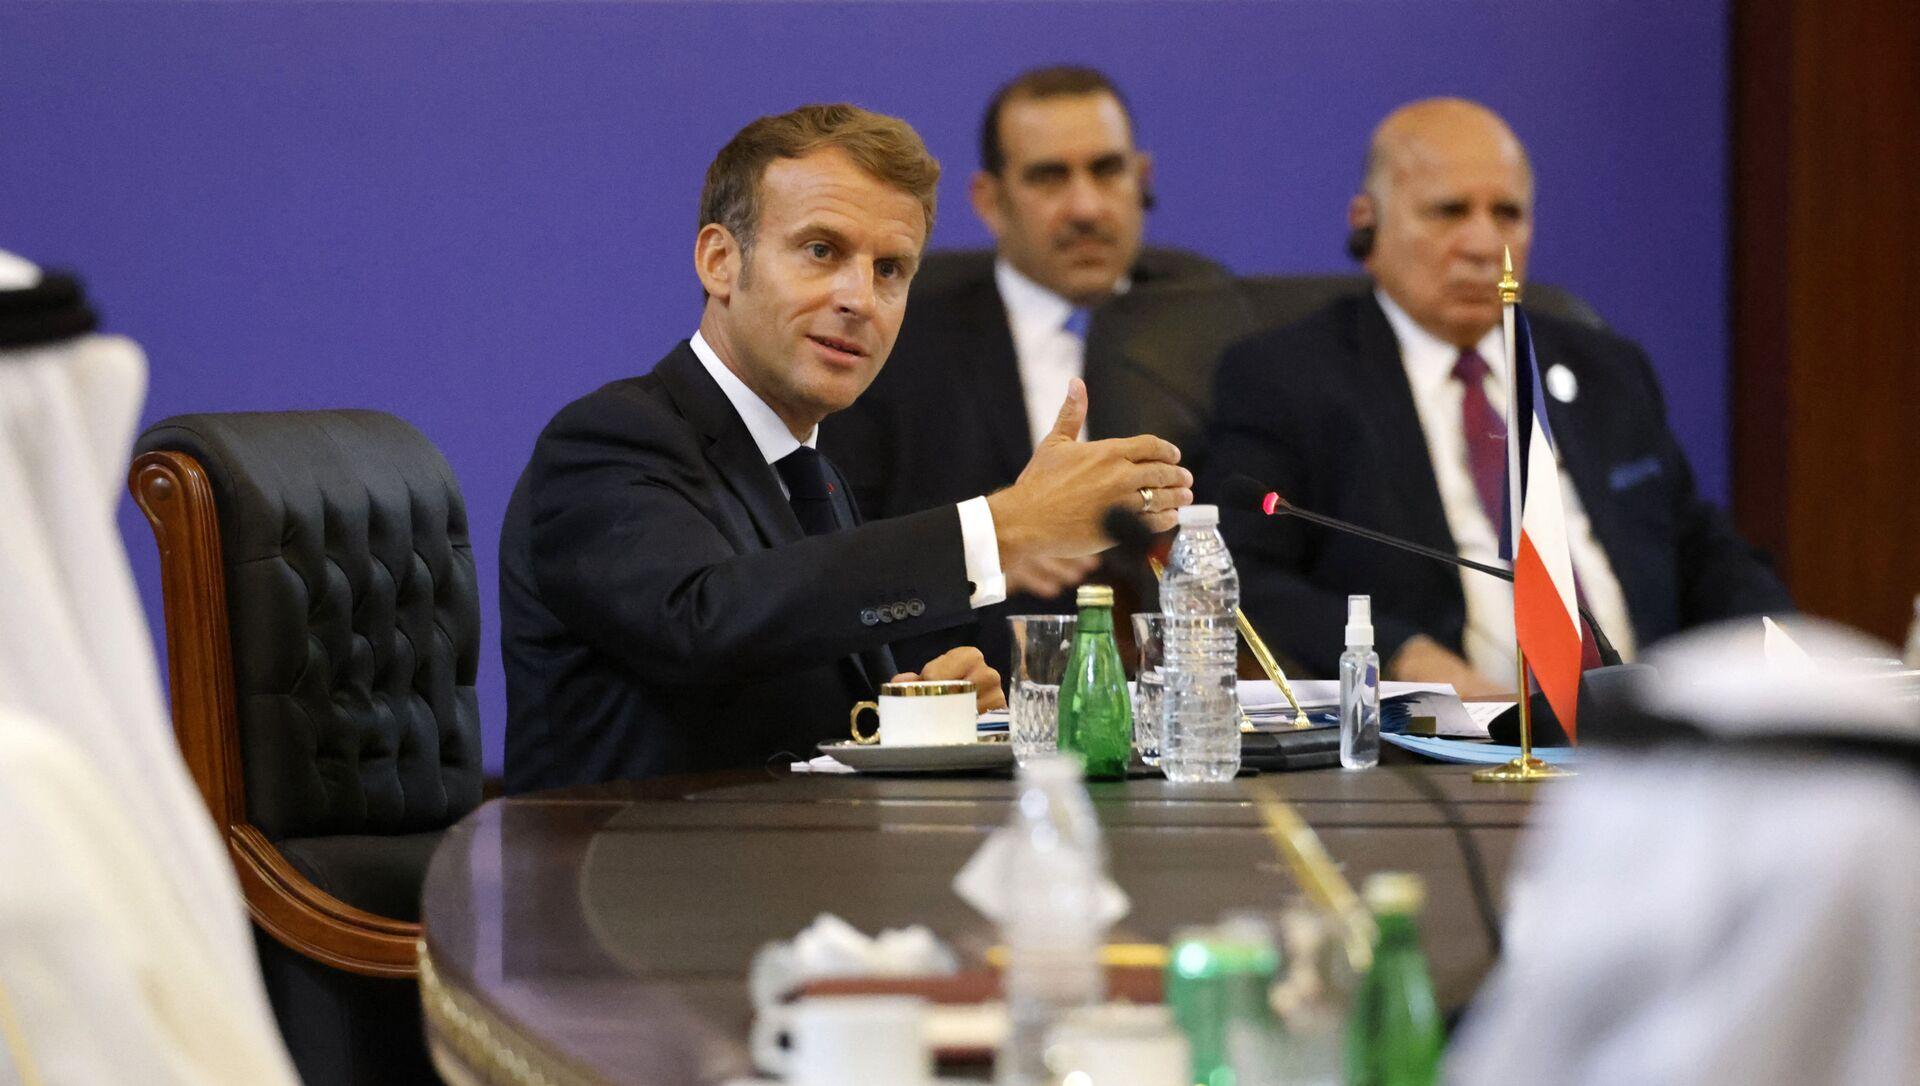 Emmanuel Macron lors d'un déplacement à Bagdad - Sputnik France, 1920, 29.08.2021